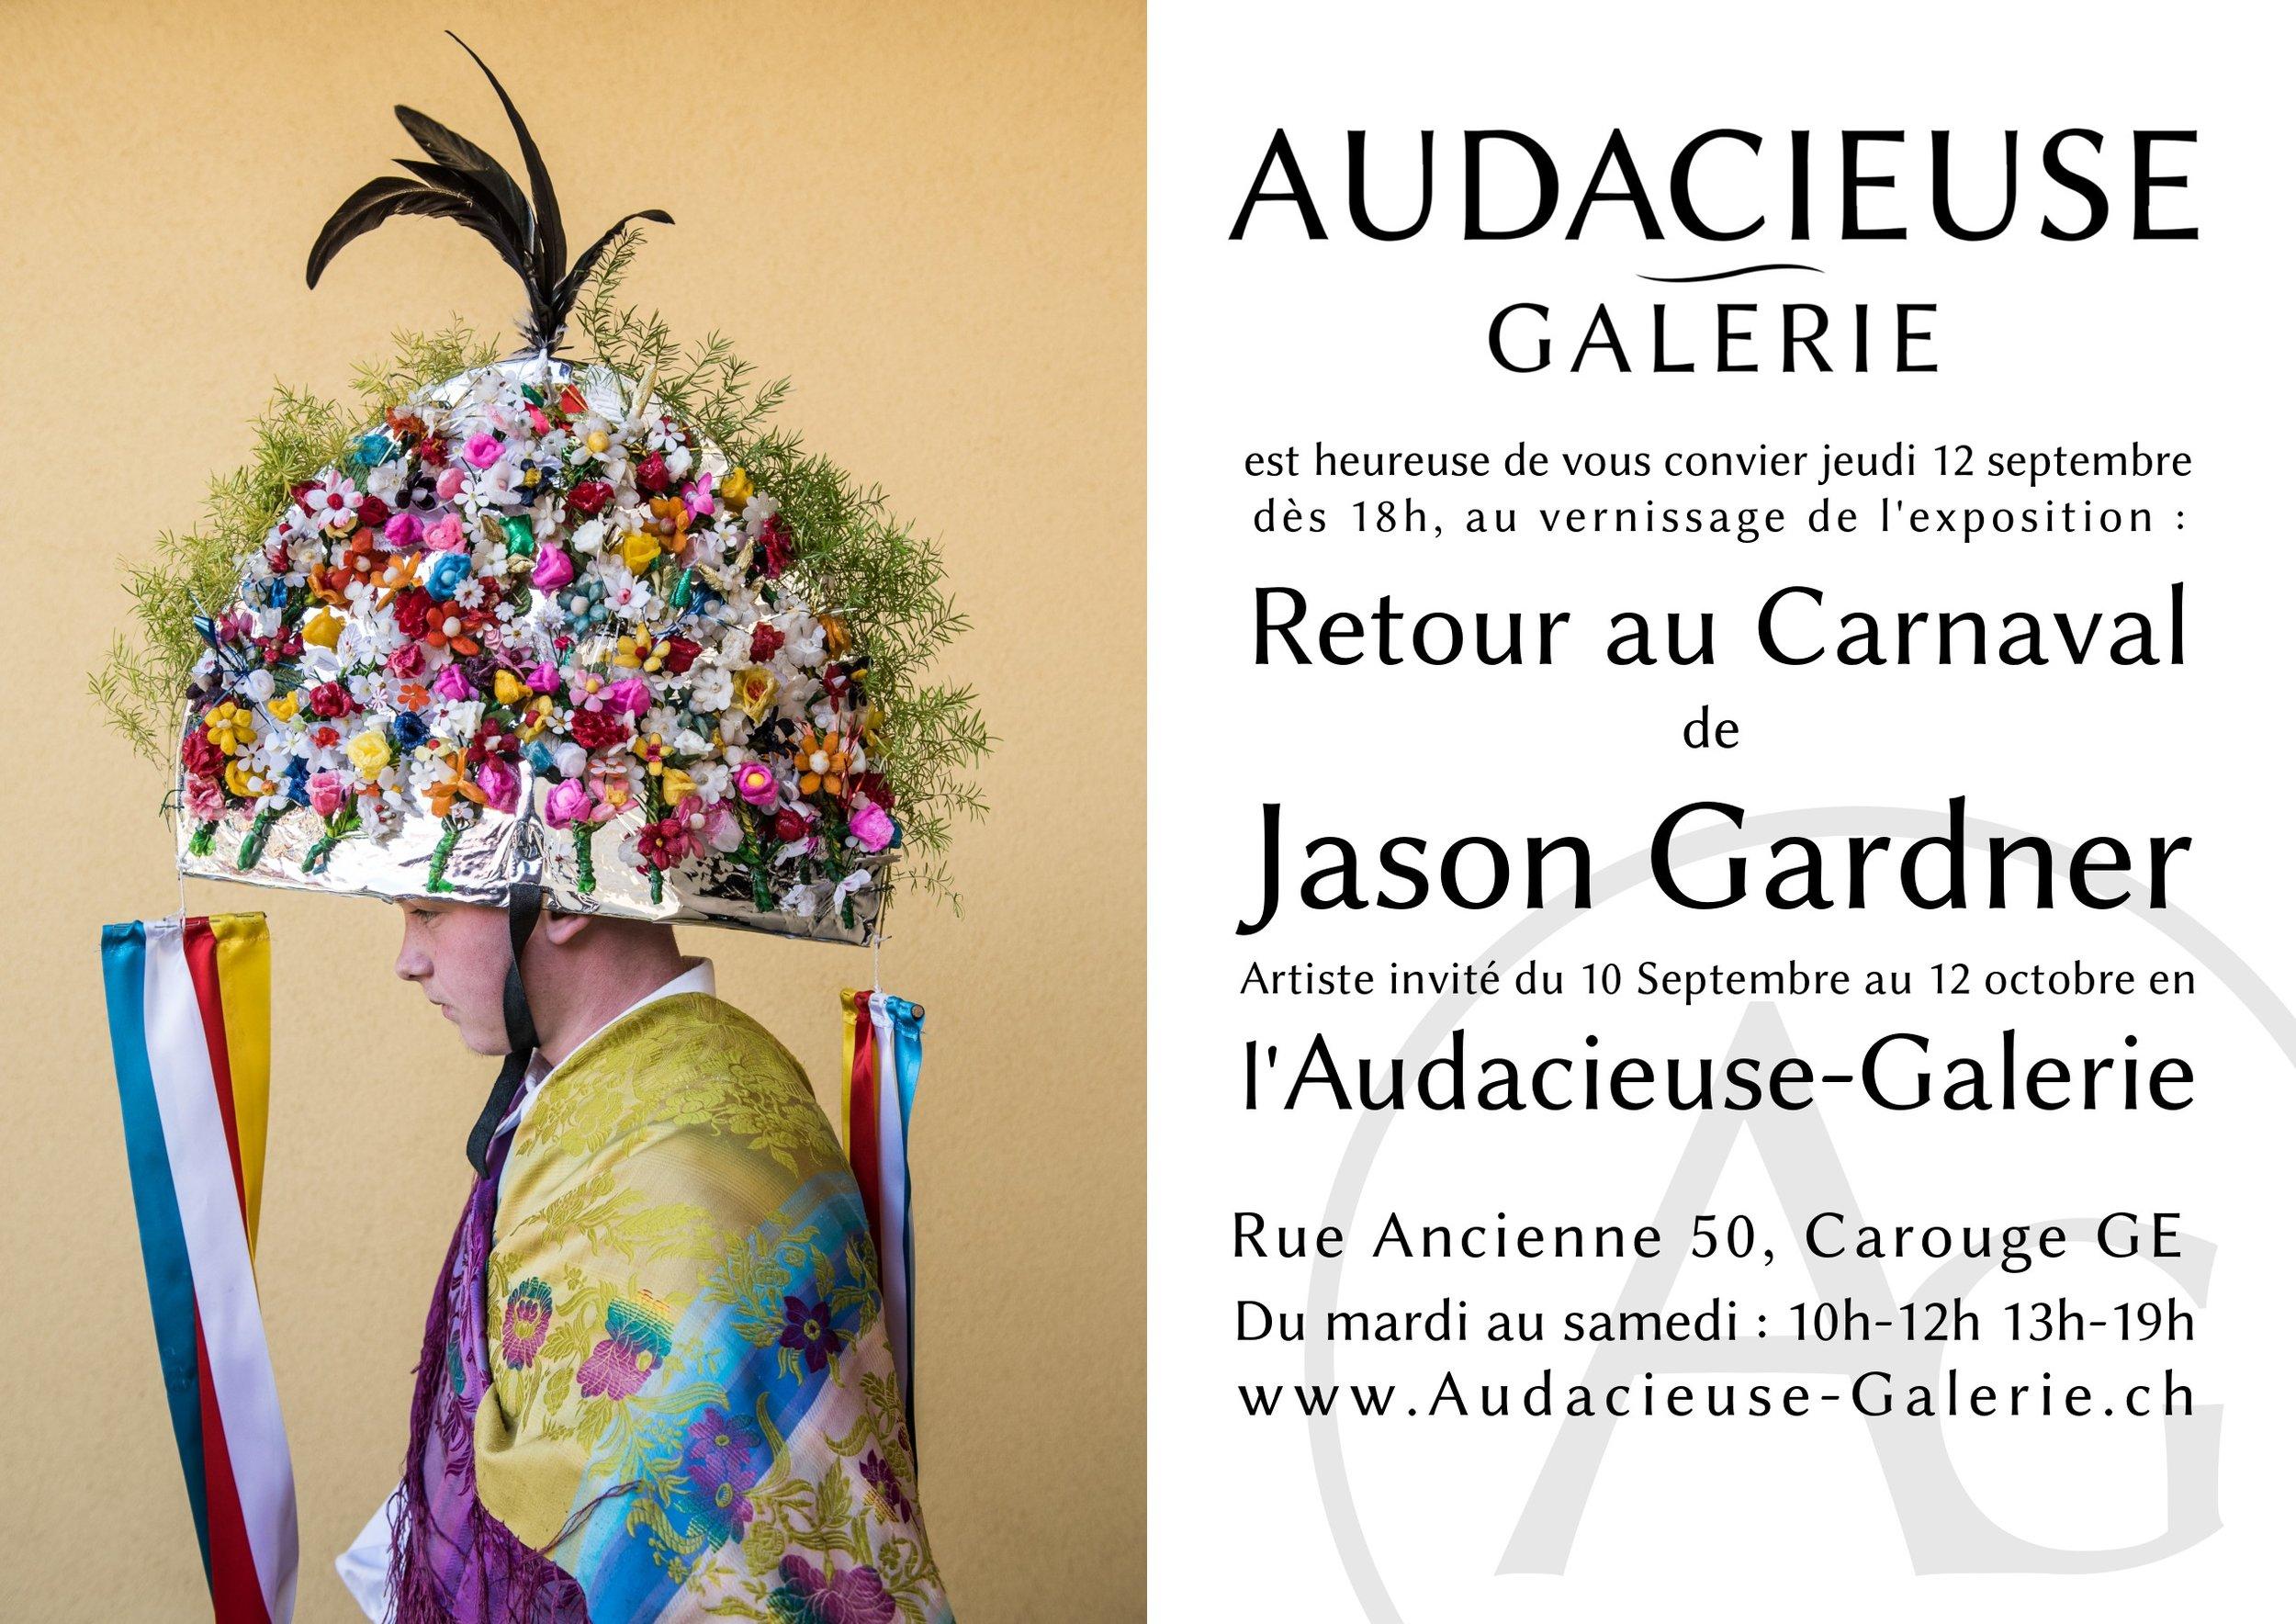 Exposition-Audacieuse-Galerie.jpg